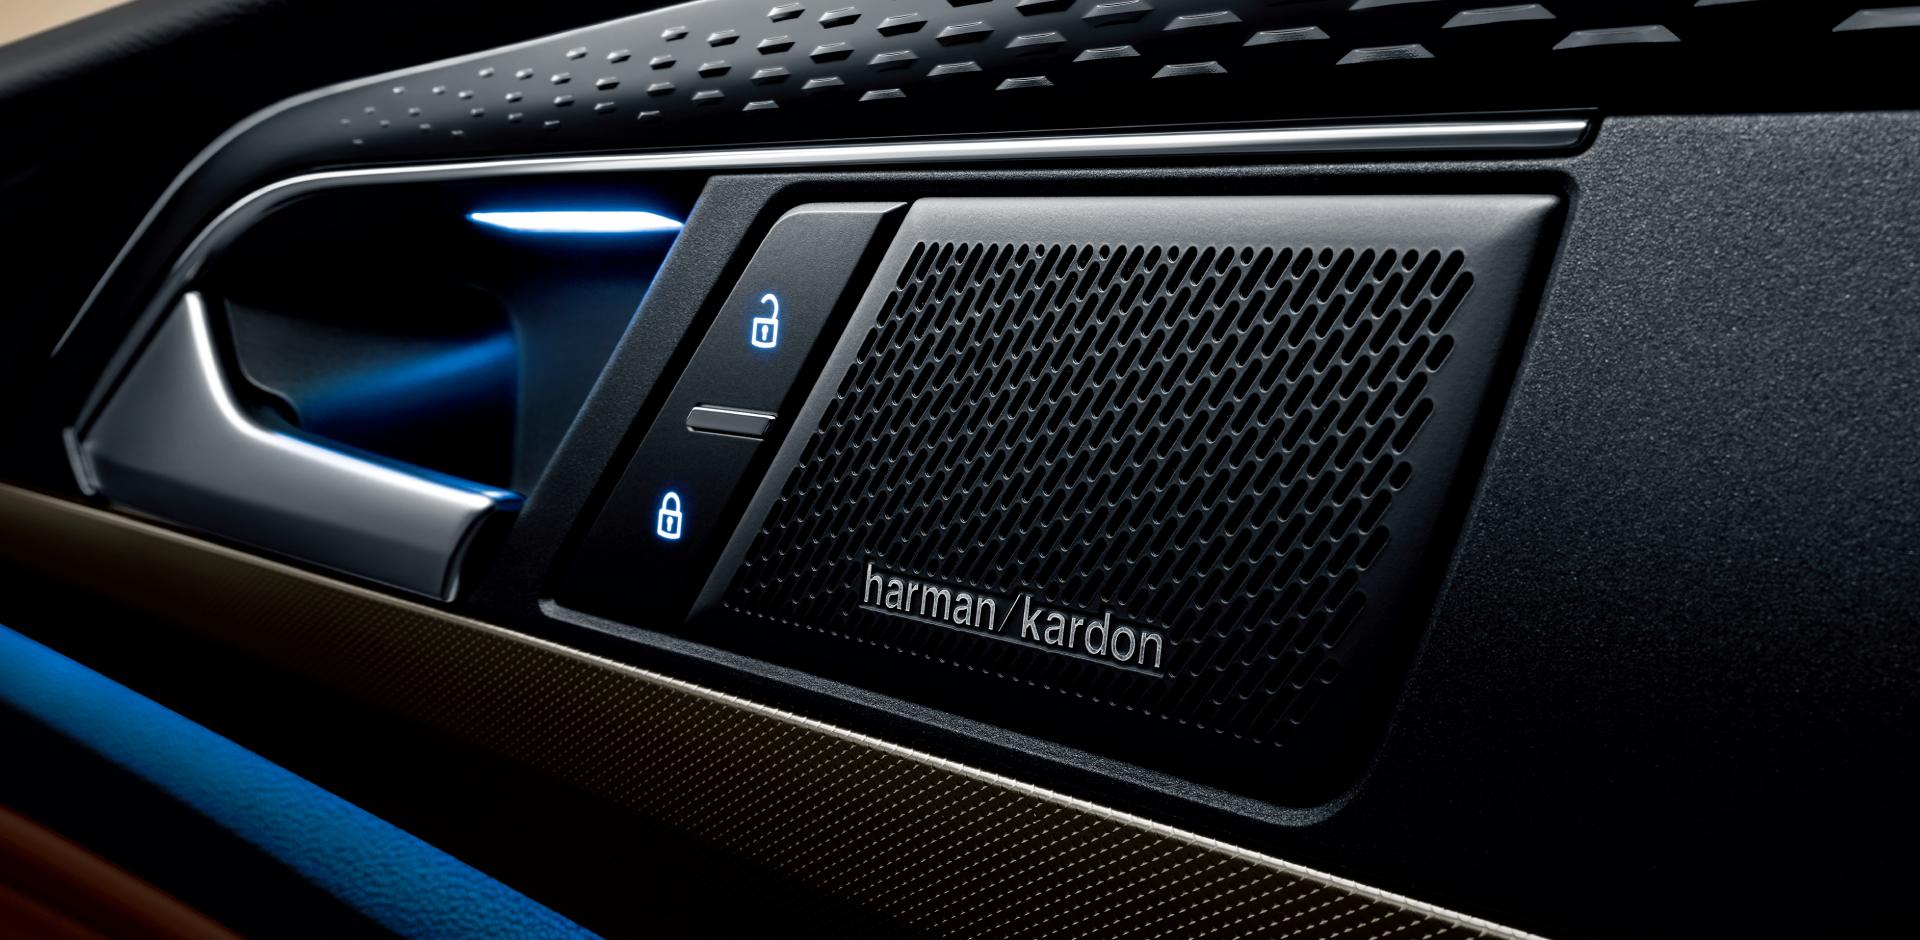 哈曼卡顿高级音响系统